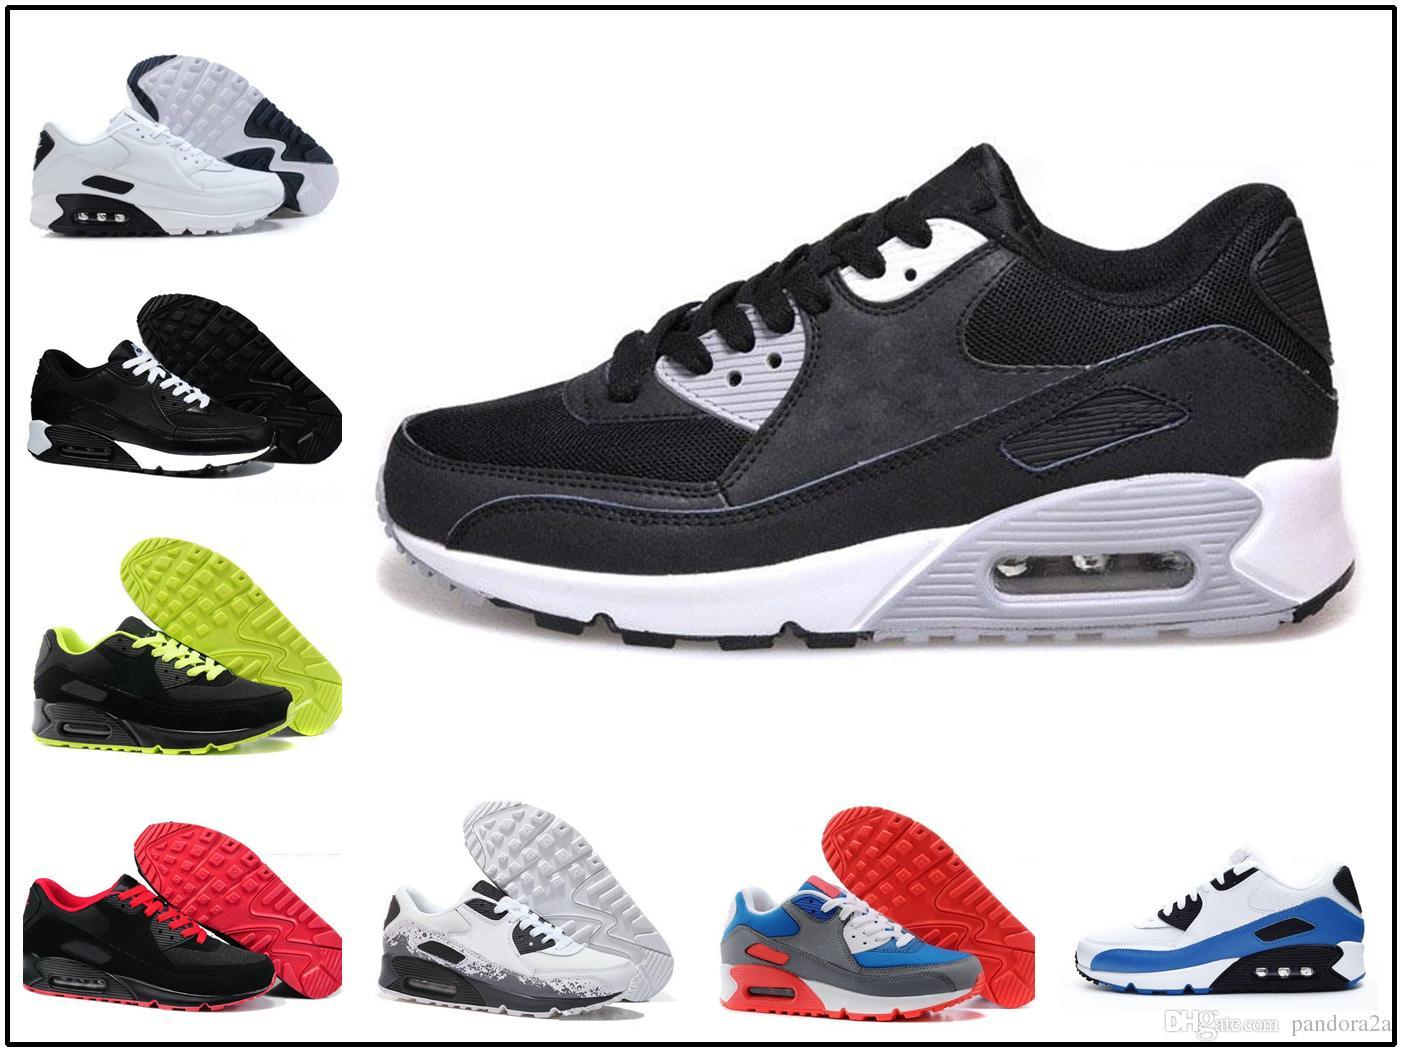 lowest price f1688 b69f5 Acquista Nike Air Max 90 Airmax Vendita Calda A Buon Mercato Sneakers Scarpe  Maxes 90 Uomini E Donne Scarpe Da Corsa Tutto Nero Bianco Sport Traspirante  ...